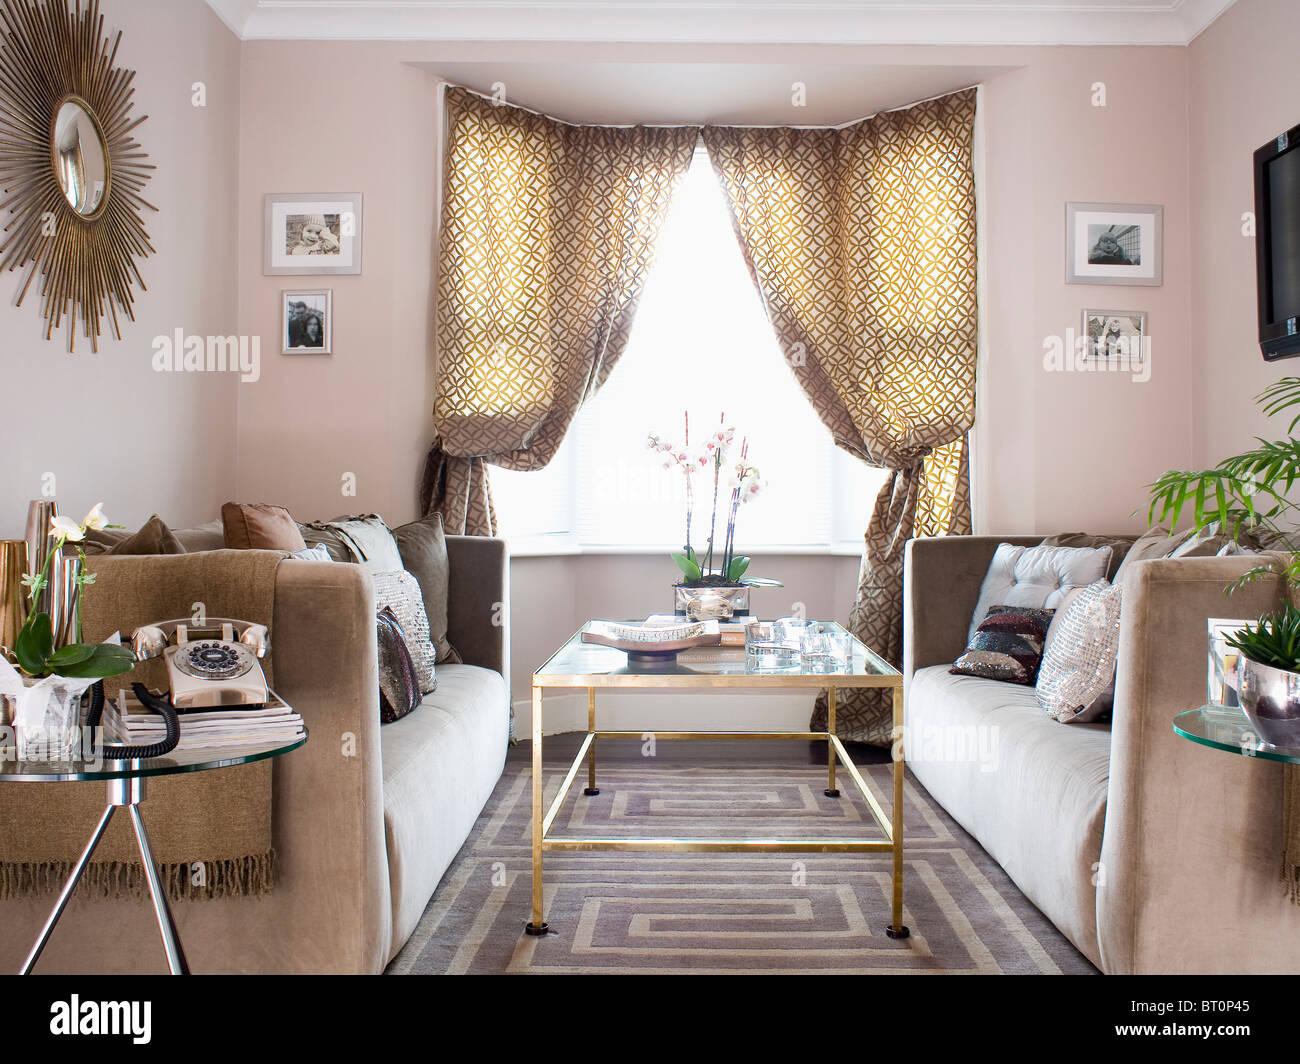 Gemusterte Vorhänge am Fenster in modernen Beige Wohnzimmer mit ...